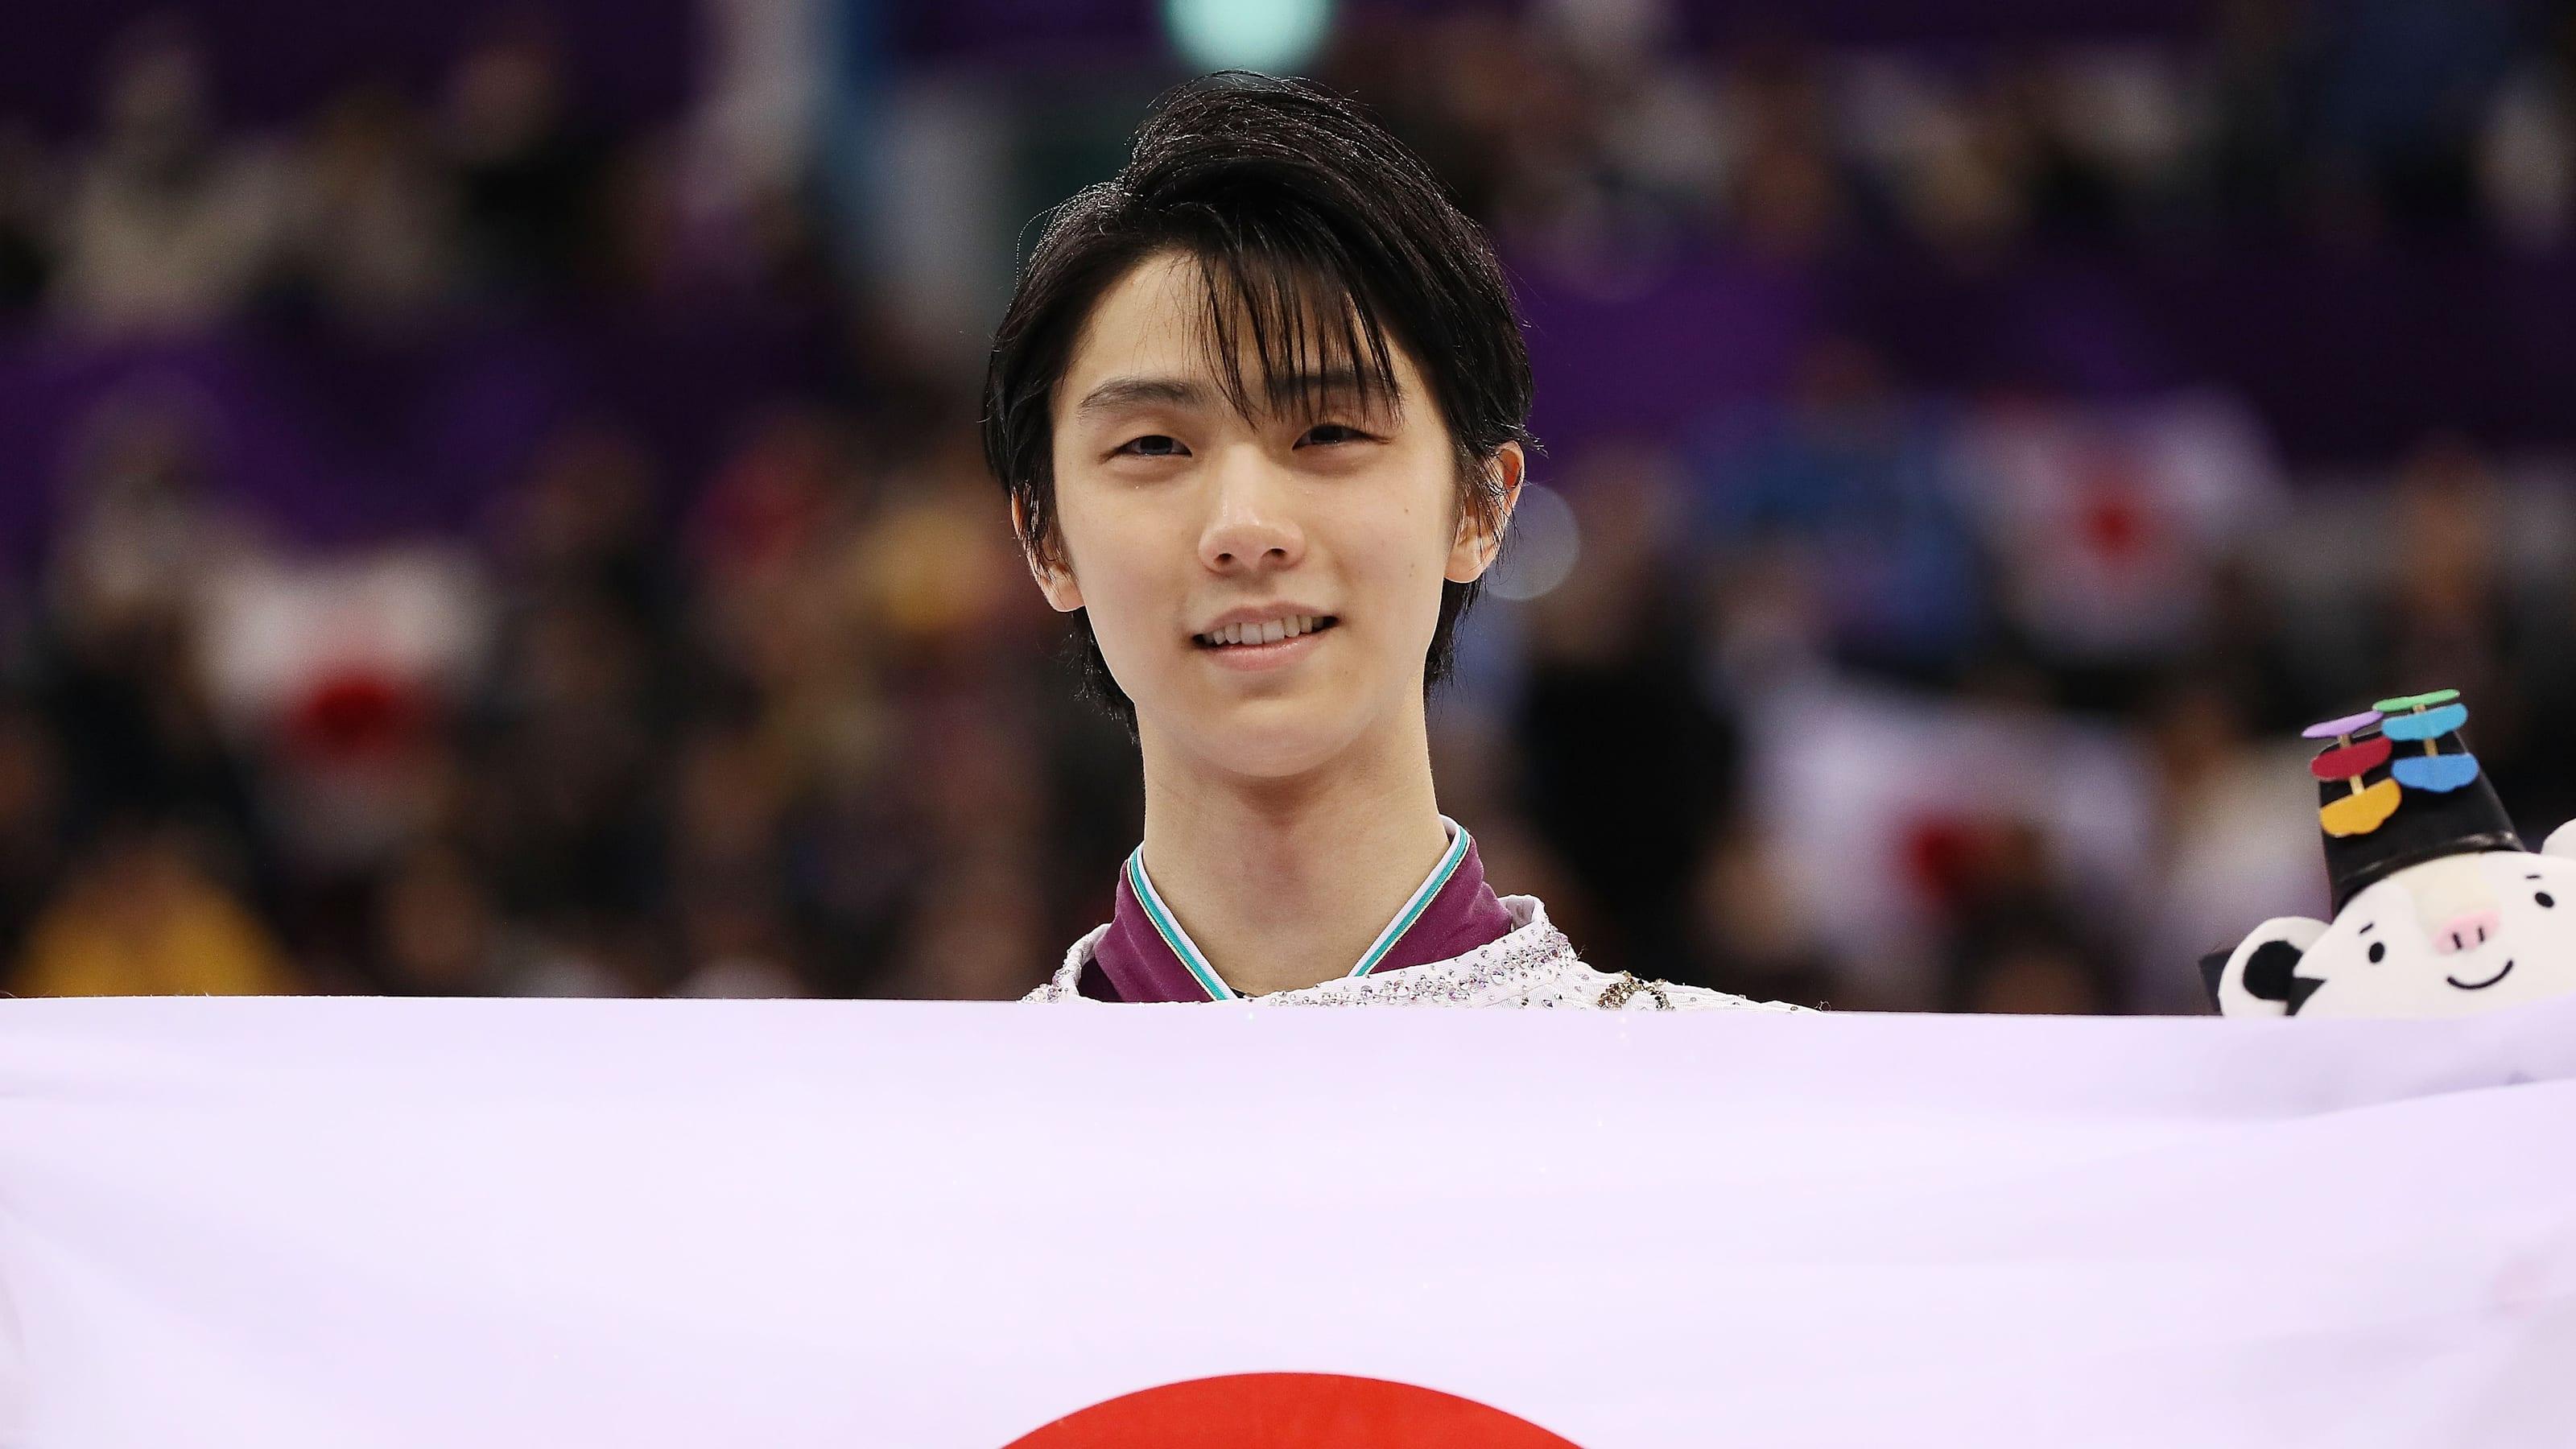 滑走 順 フィギュア 男子 全日本 第82回全日本フィギュアスケート選手権